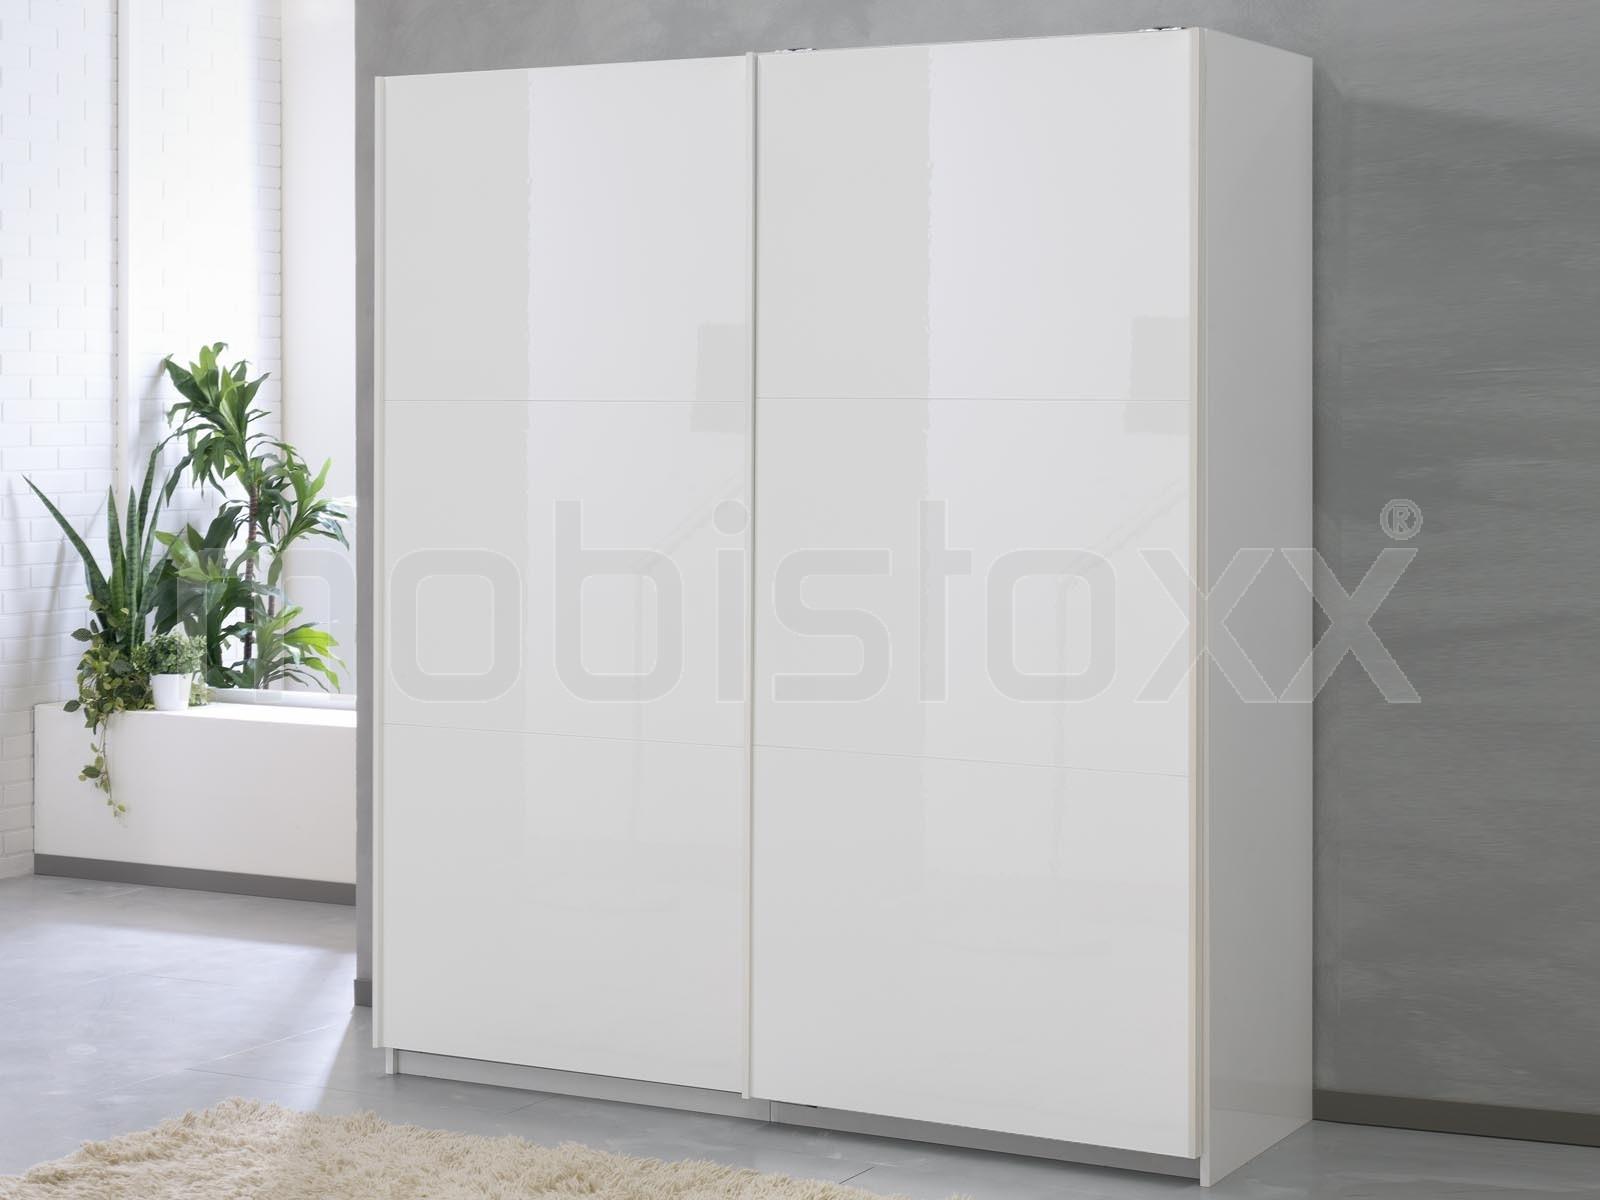 97913ca0c25e5 Armoire SALSA blanc laqué 2 portes coulissantes 180 cm portes blanc ...